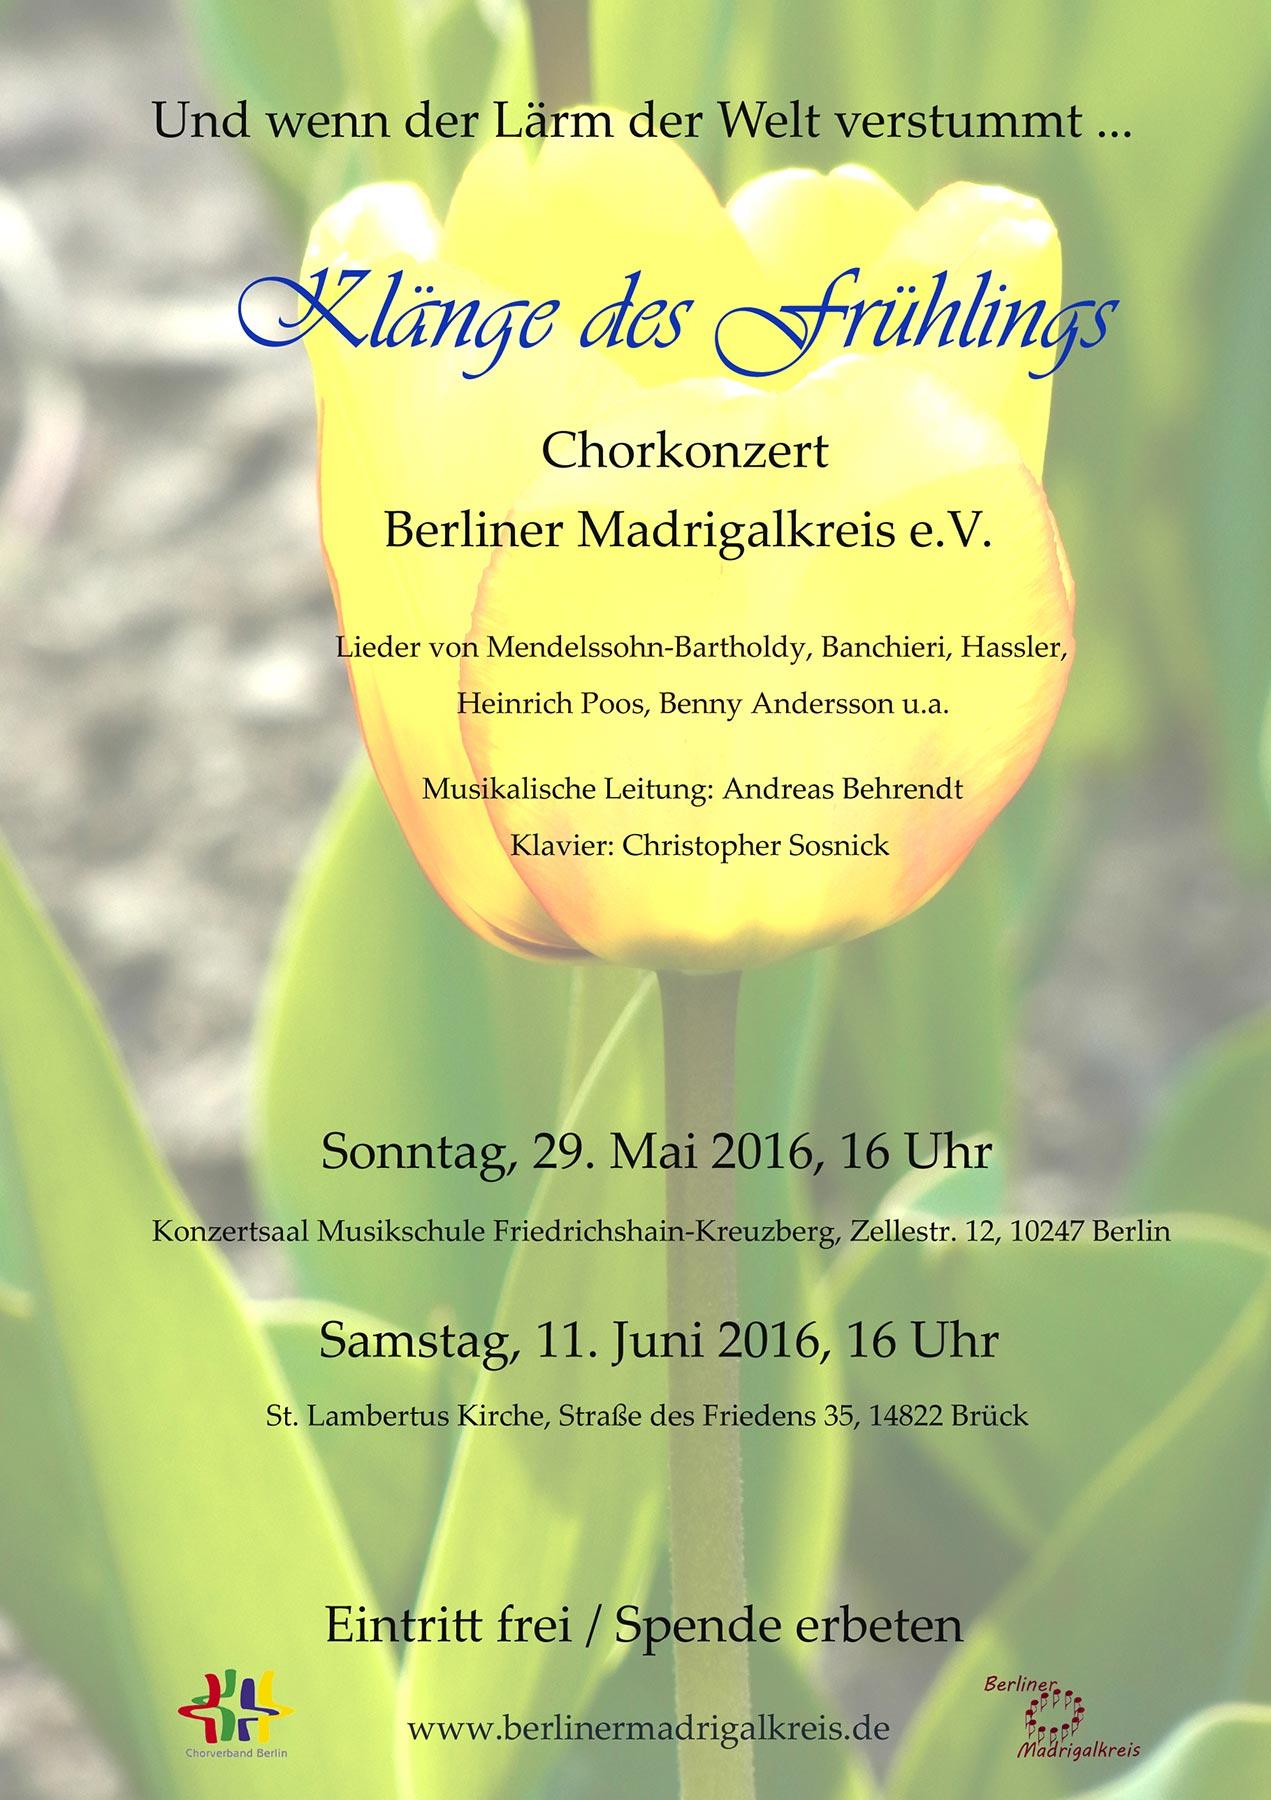 Und wenn der Lärm der Welt verstummt ... Konzert des Berliner Madrigalkreises